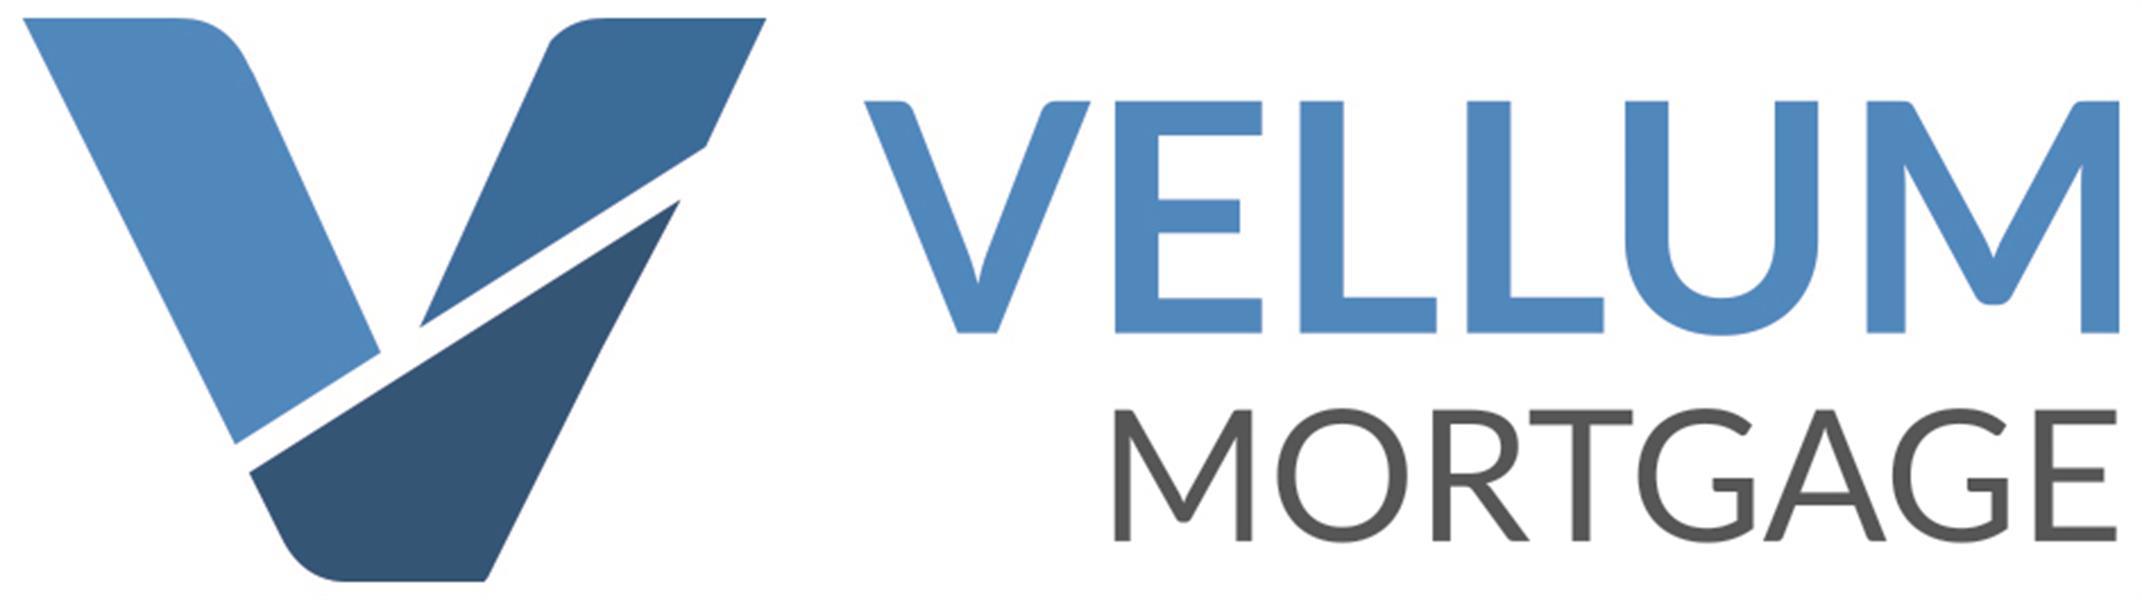 Vellum Mortgage